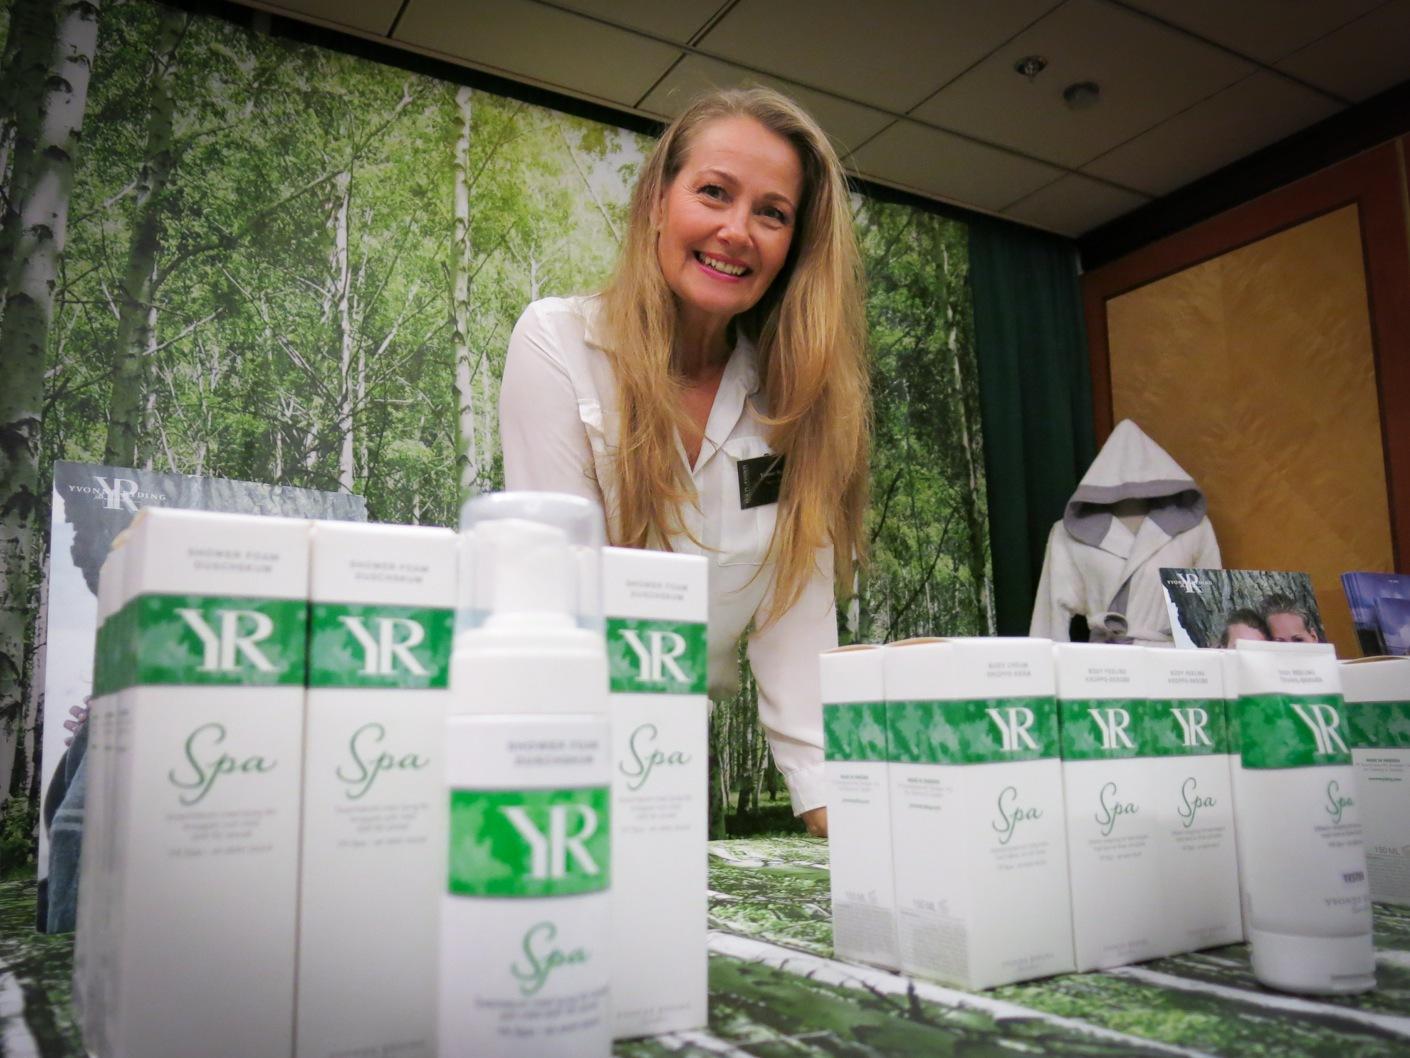 Yvonne Ryding som vann MIss universum 1984 har tagit fram en ny apoteksinriktad linje med fler aktiva ingredienser samt en spabehandling med björksav som hon kallar för Silva Donum